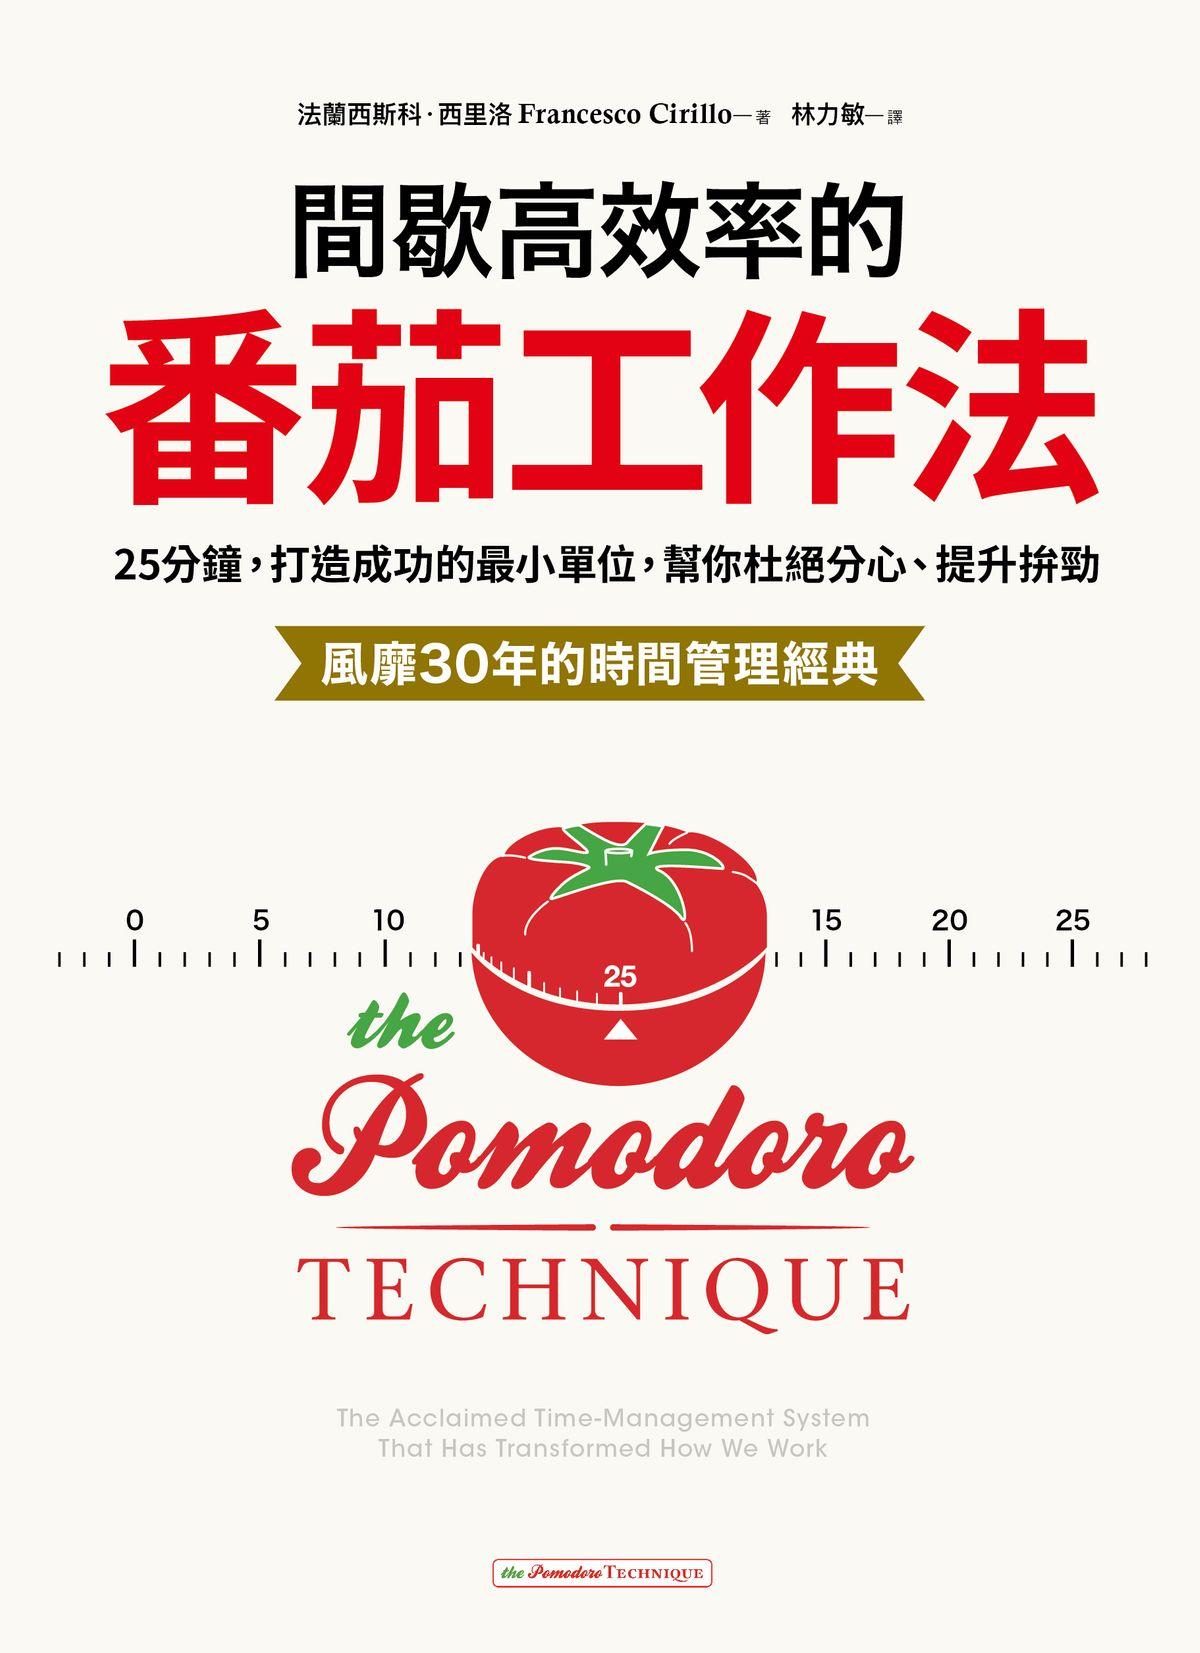 間歇高效率的番茄工作法